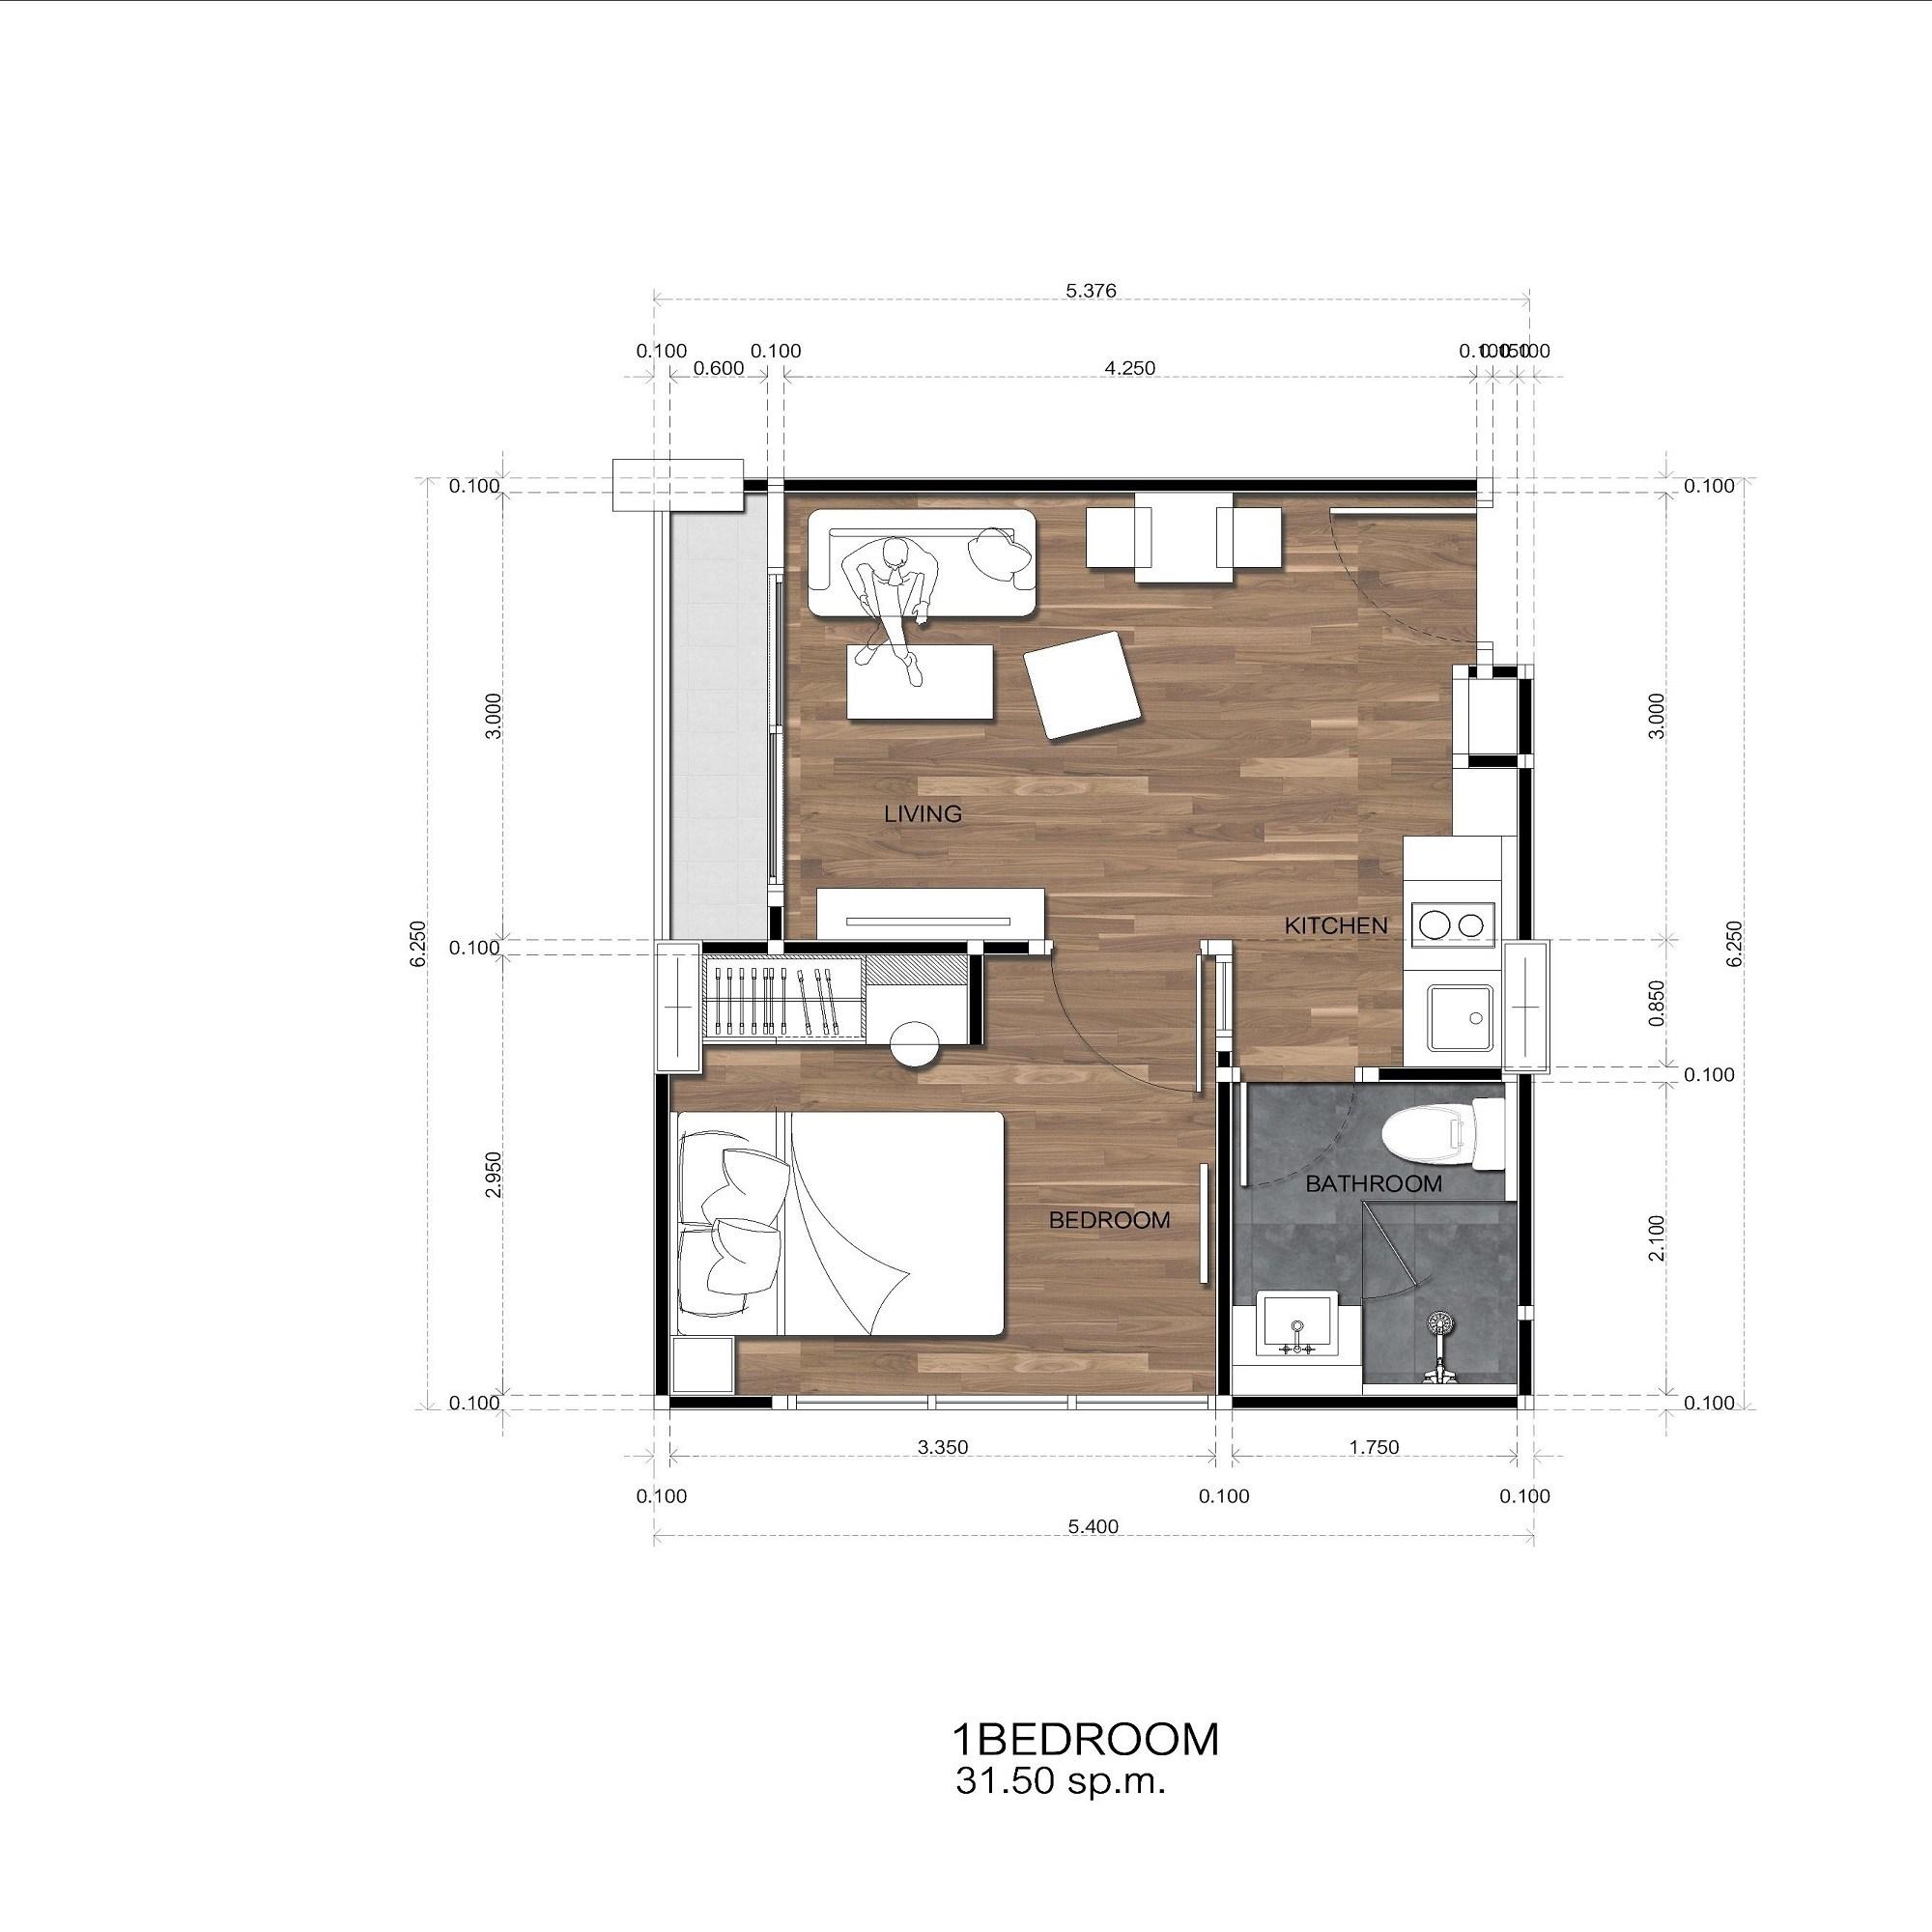 Amigo Grandeur Condominiums floorplan 460sqft east facing